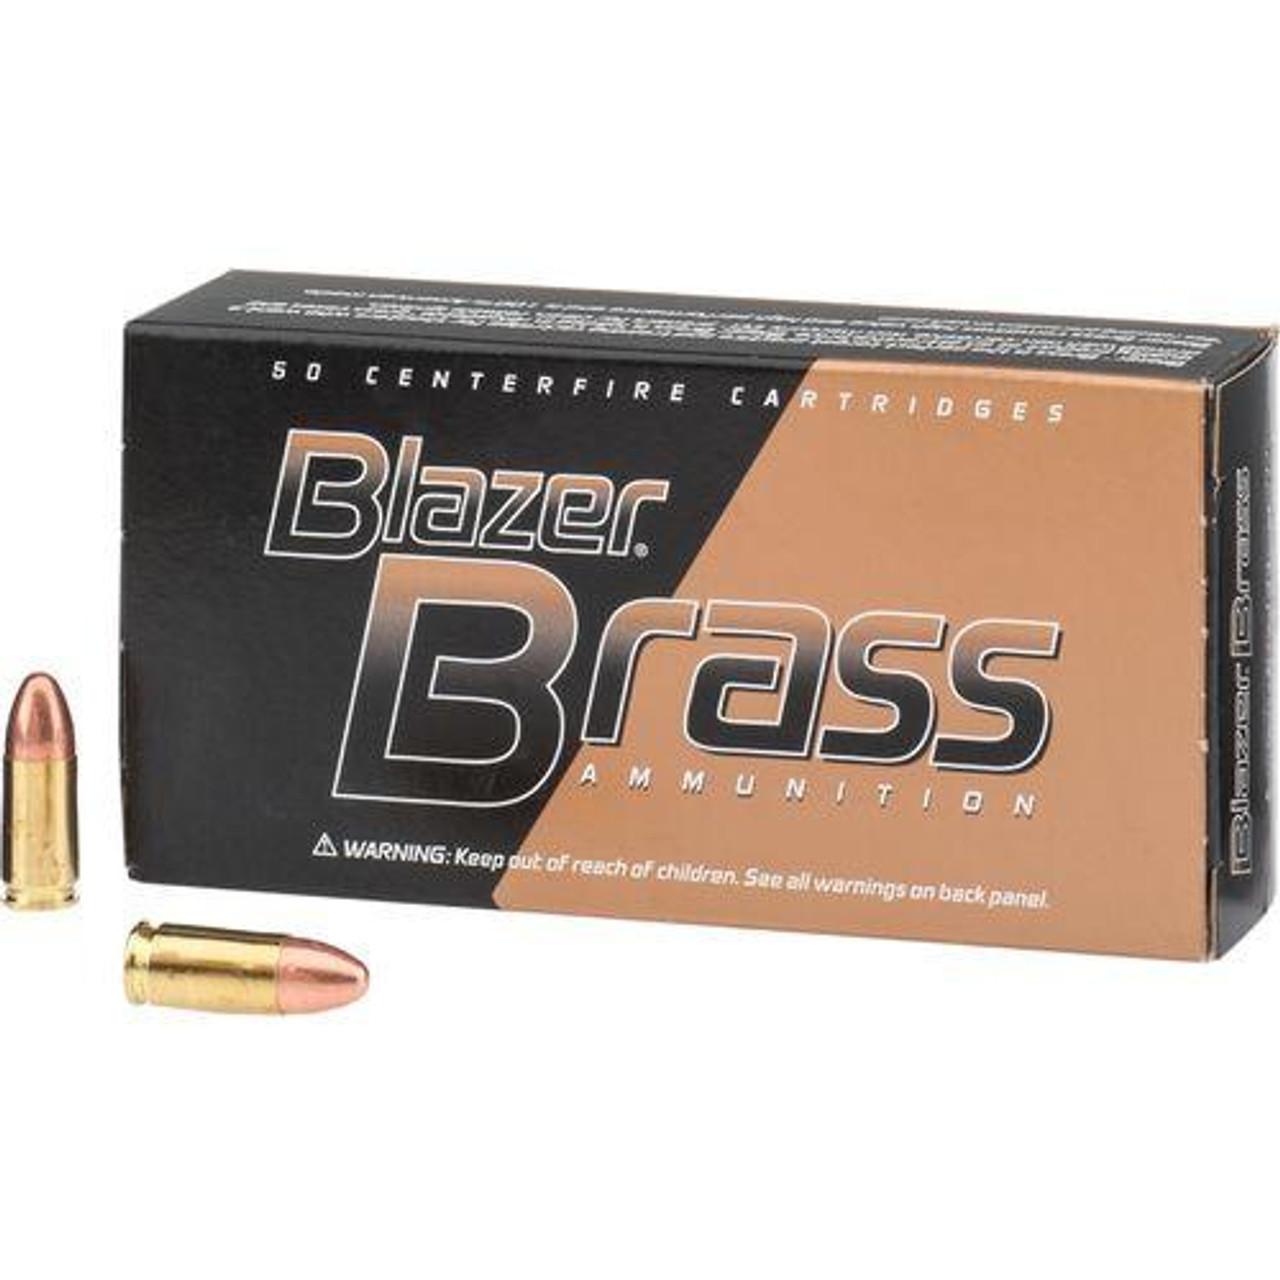 9MM 124Gr FMJ Blazer Brass (Box of 50)